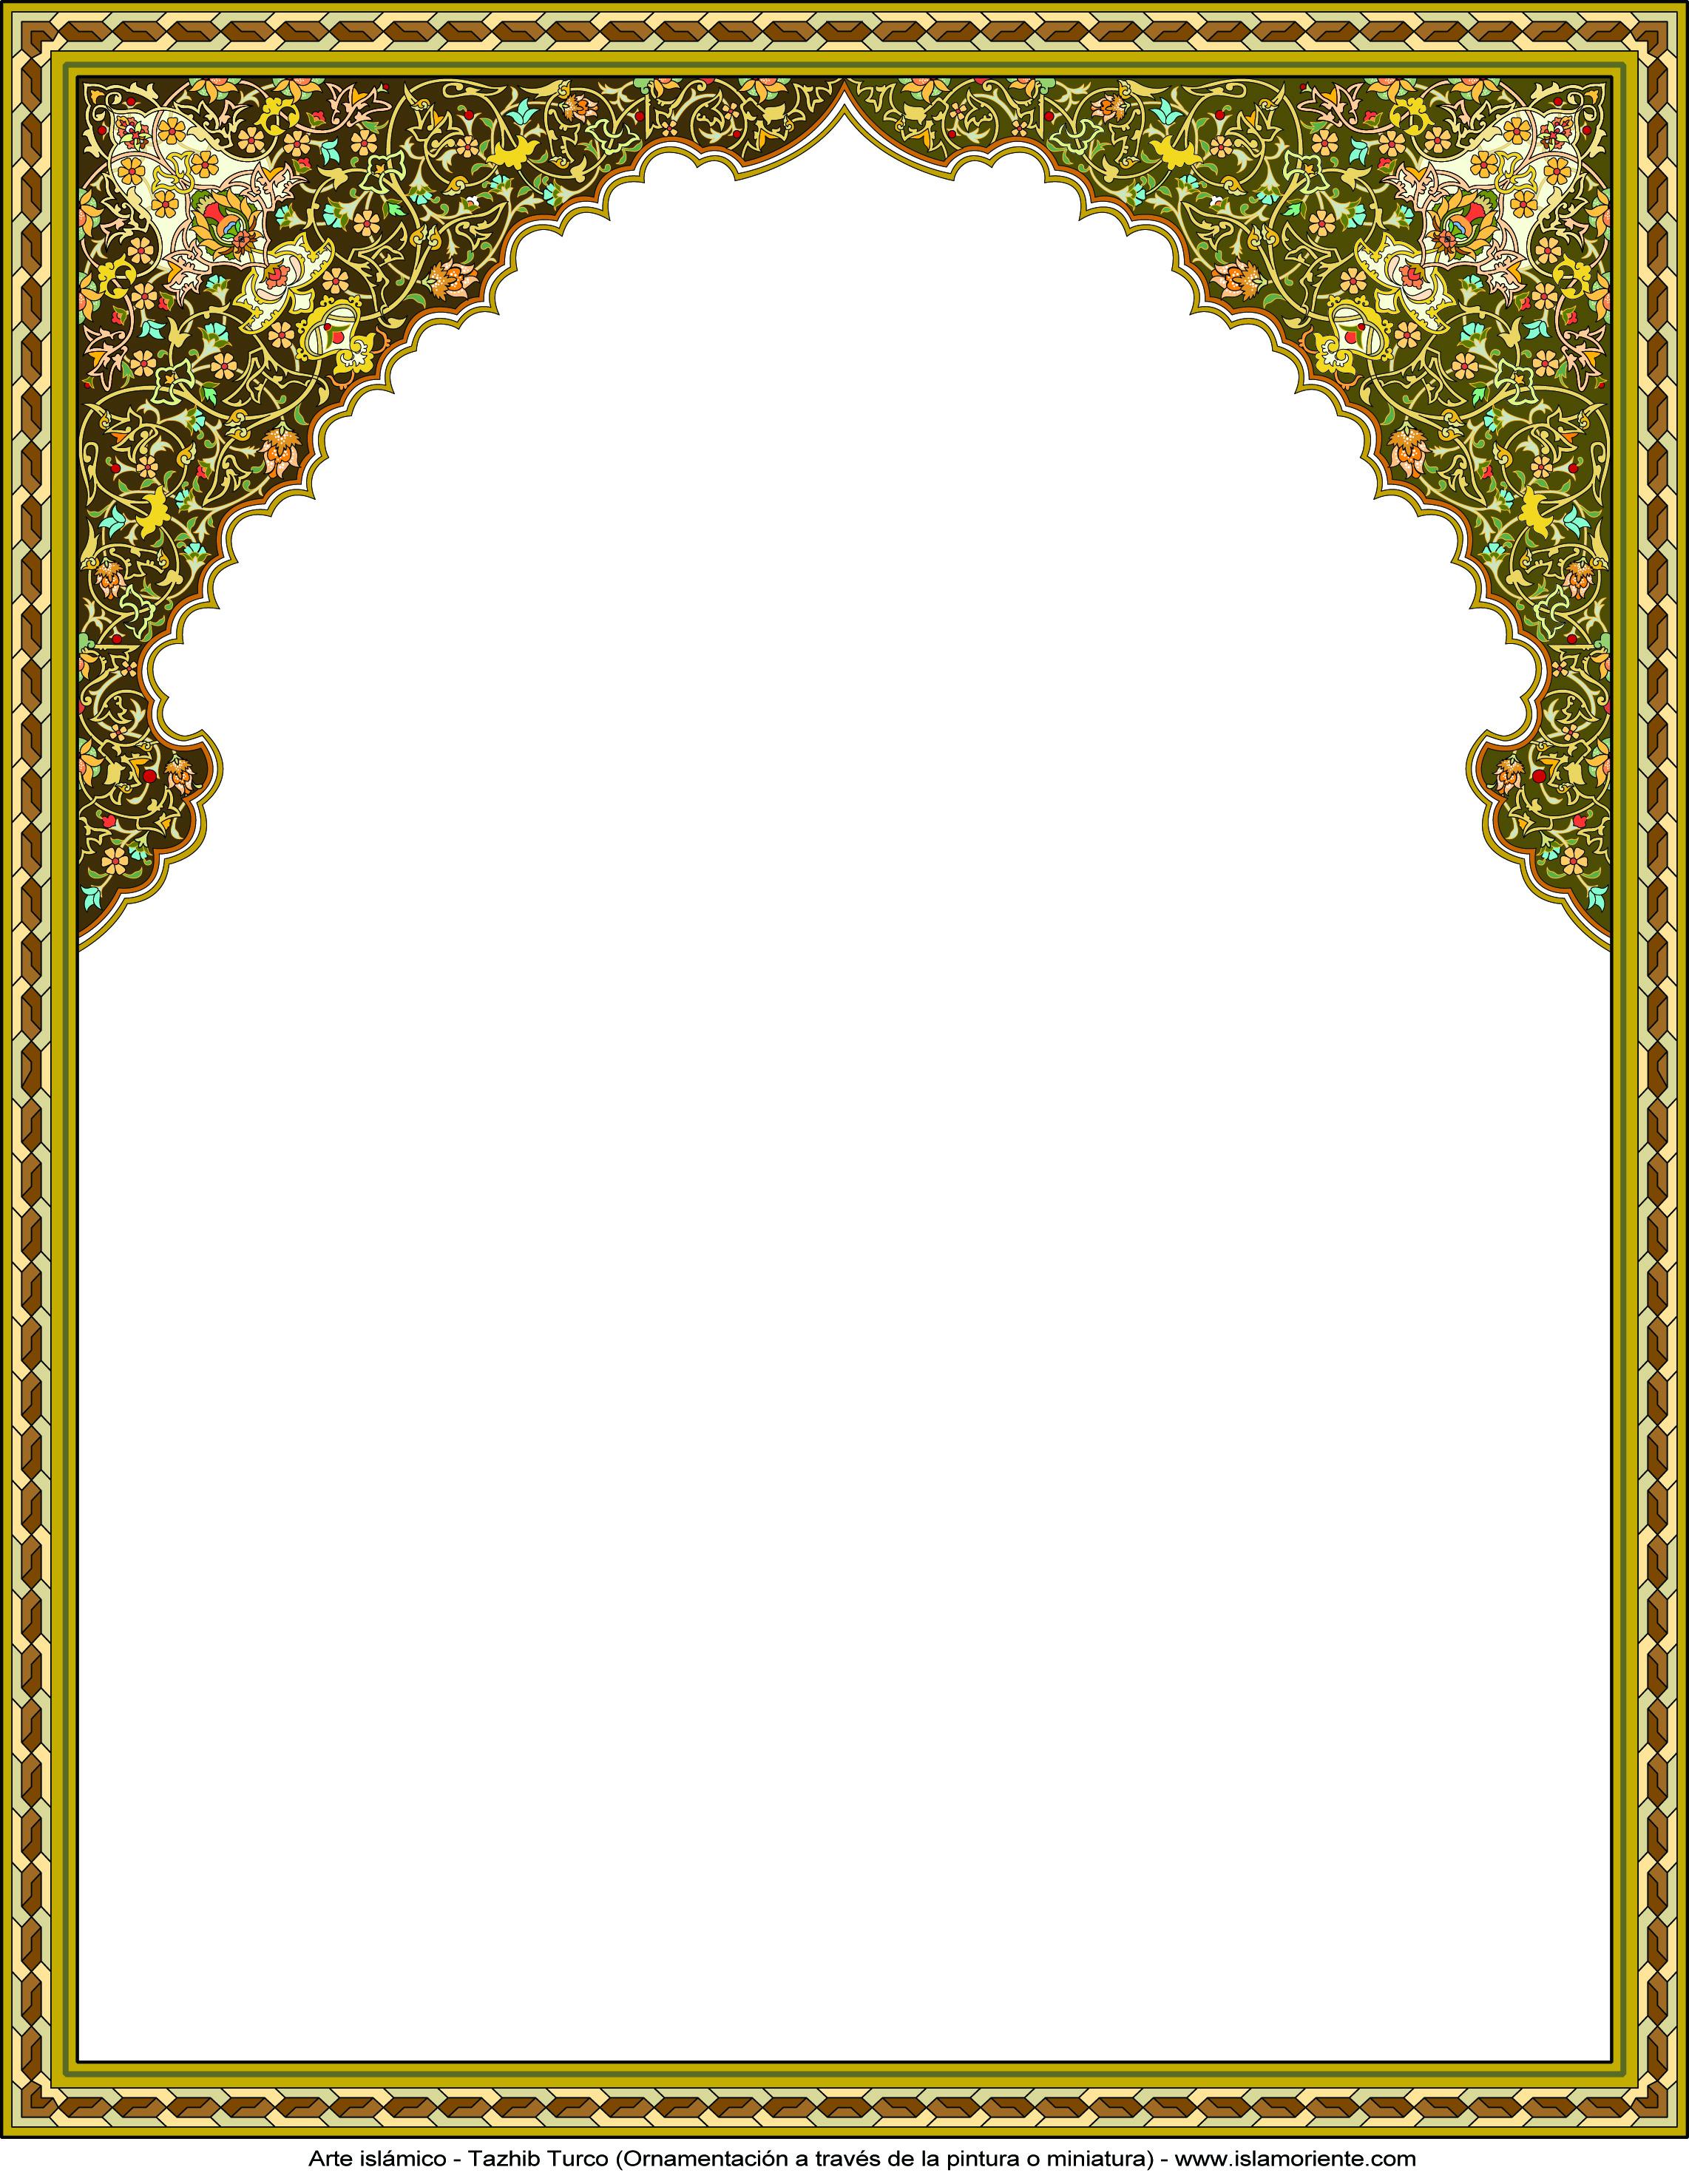 نقاشی مکه هنر اسلامی - تذهیب فارسی - کادر - حاشیه - تزئینات از طریق ...